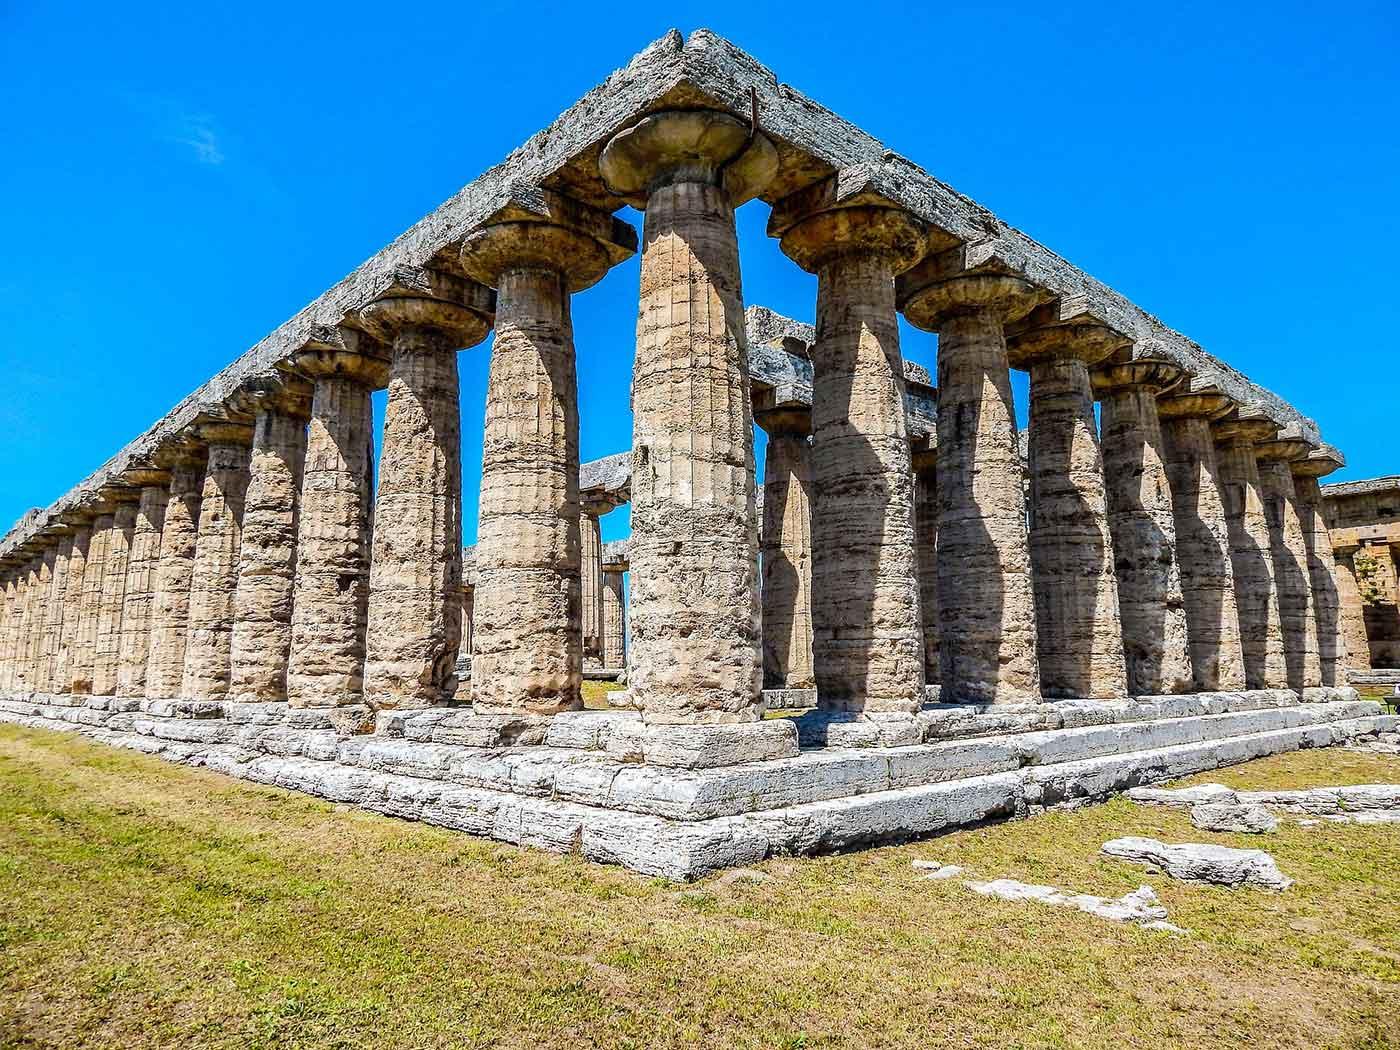 Old pillars